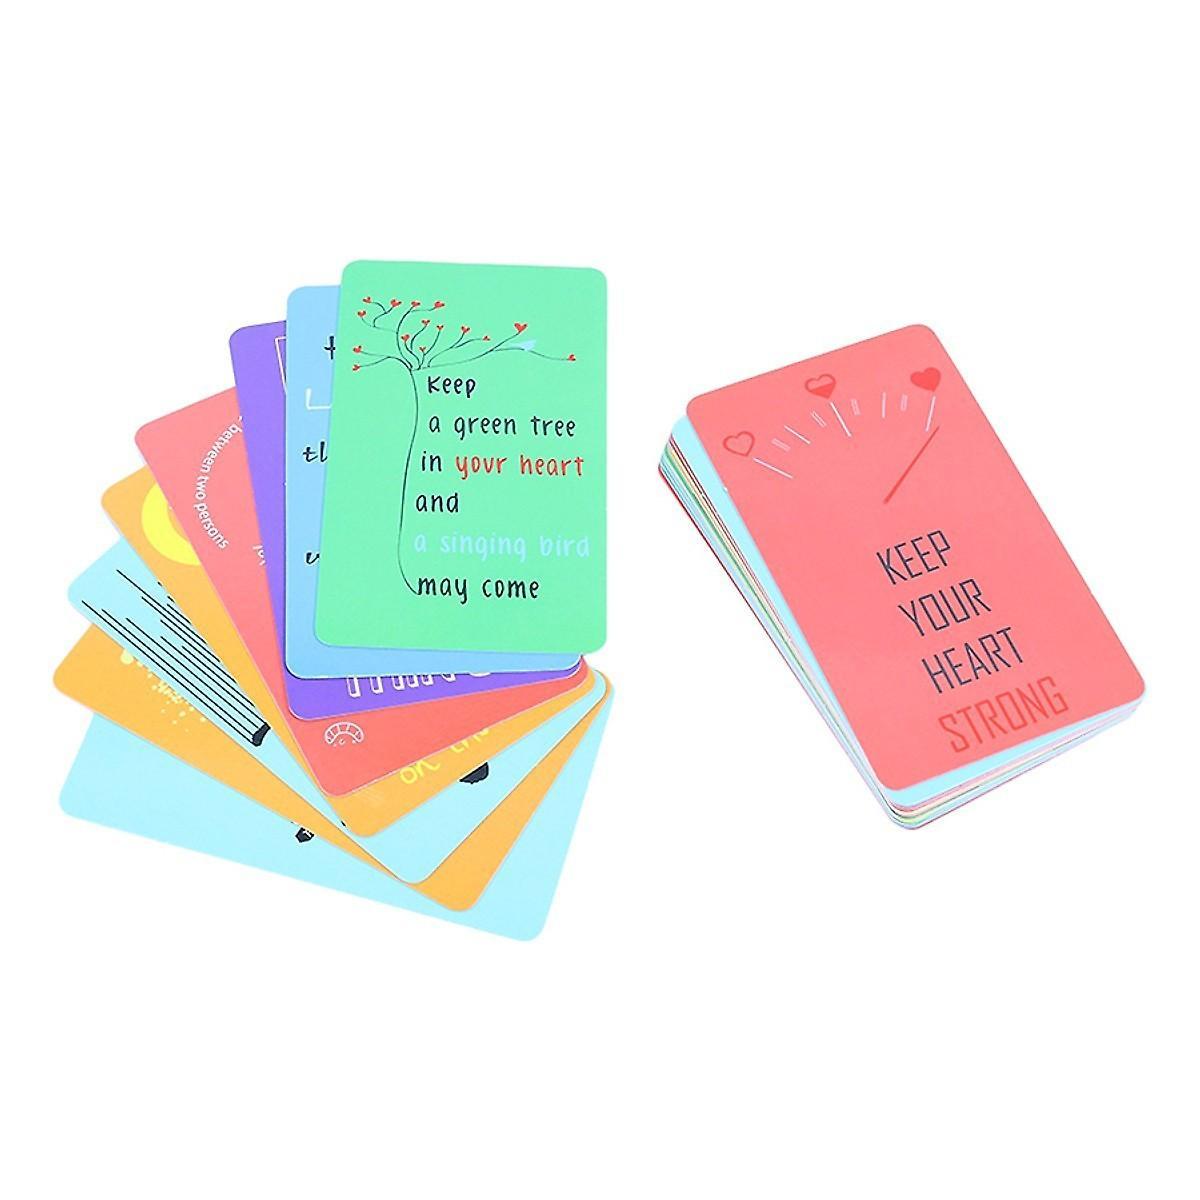 Sách kiến thức hay : Nghệ Thuật Và Nghệ Nhân Vùng Kinh Thành Huế ( Tặng kèm Bookmark Happy Life)